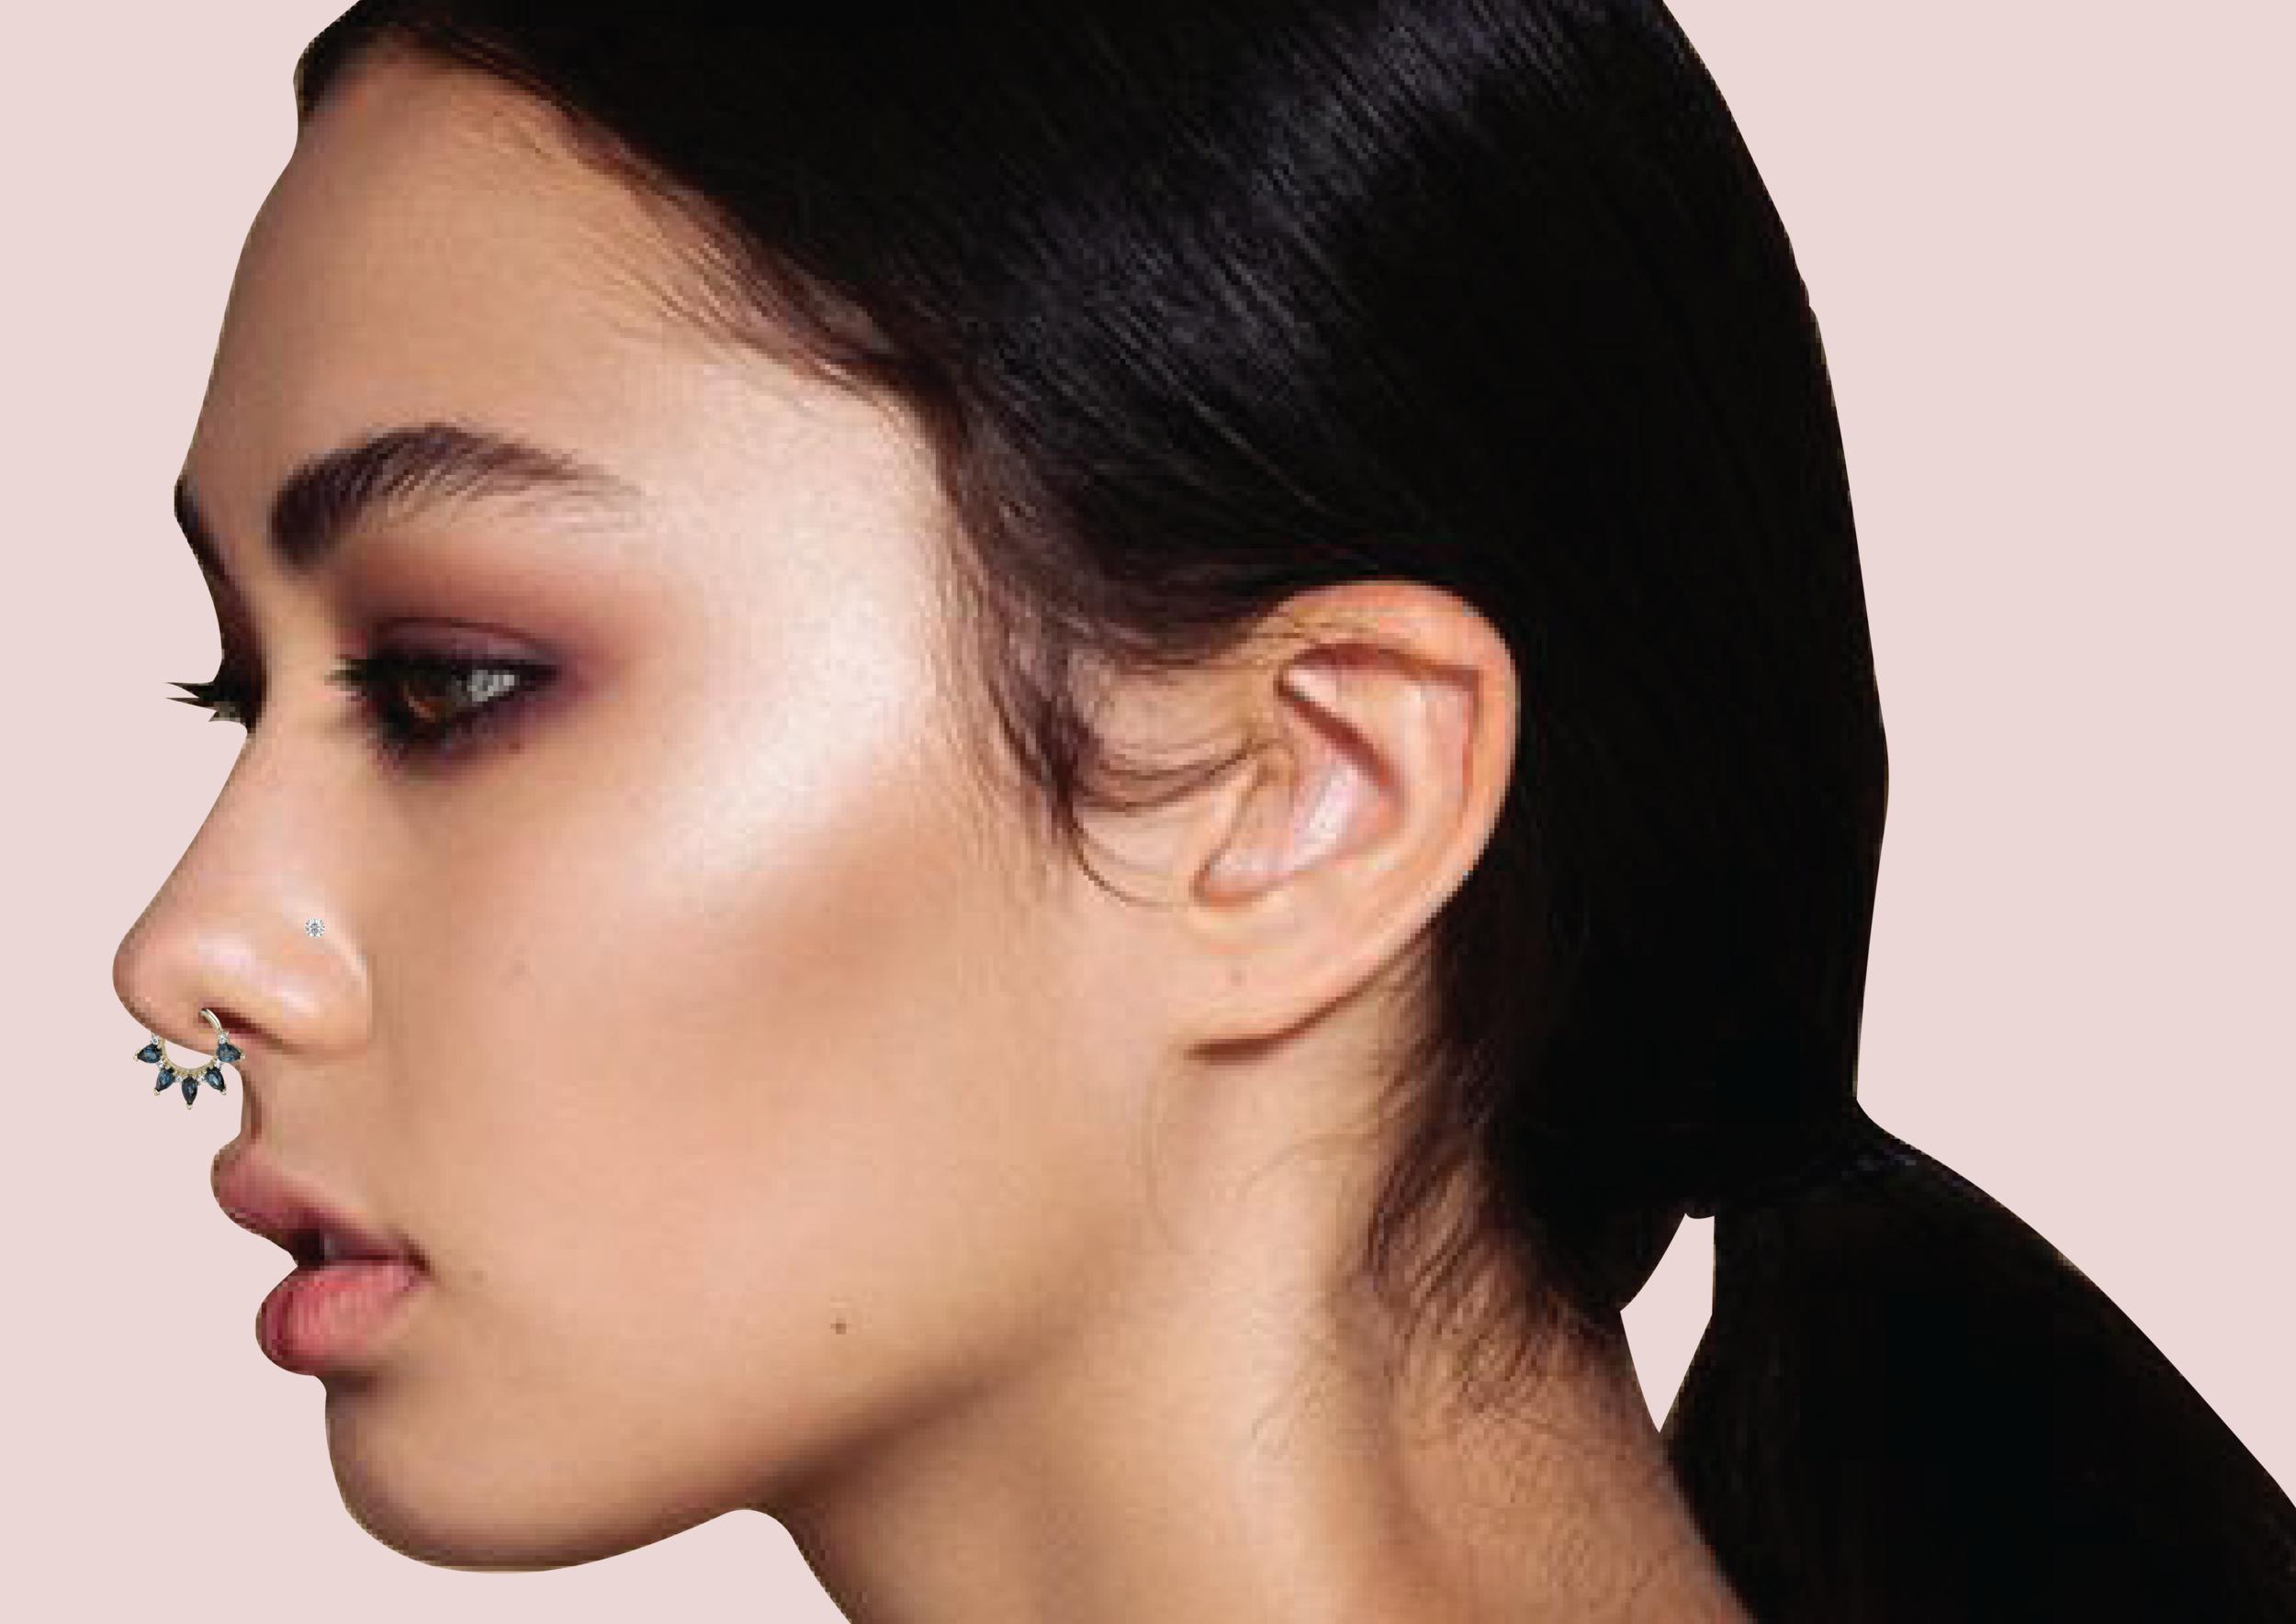 Nose Piercings -